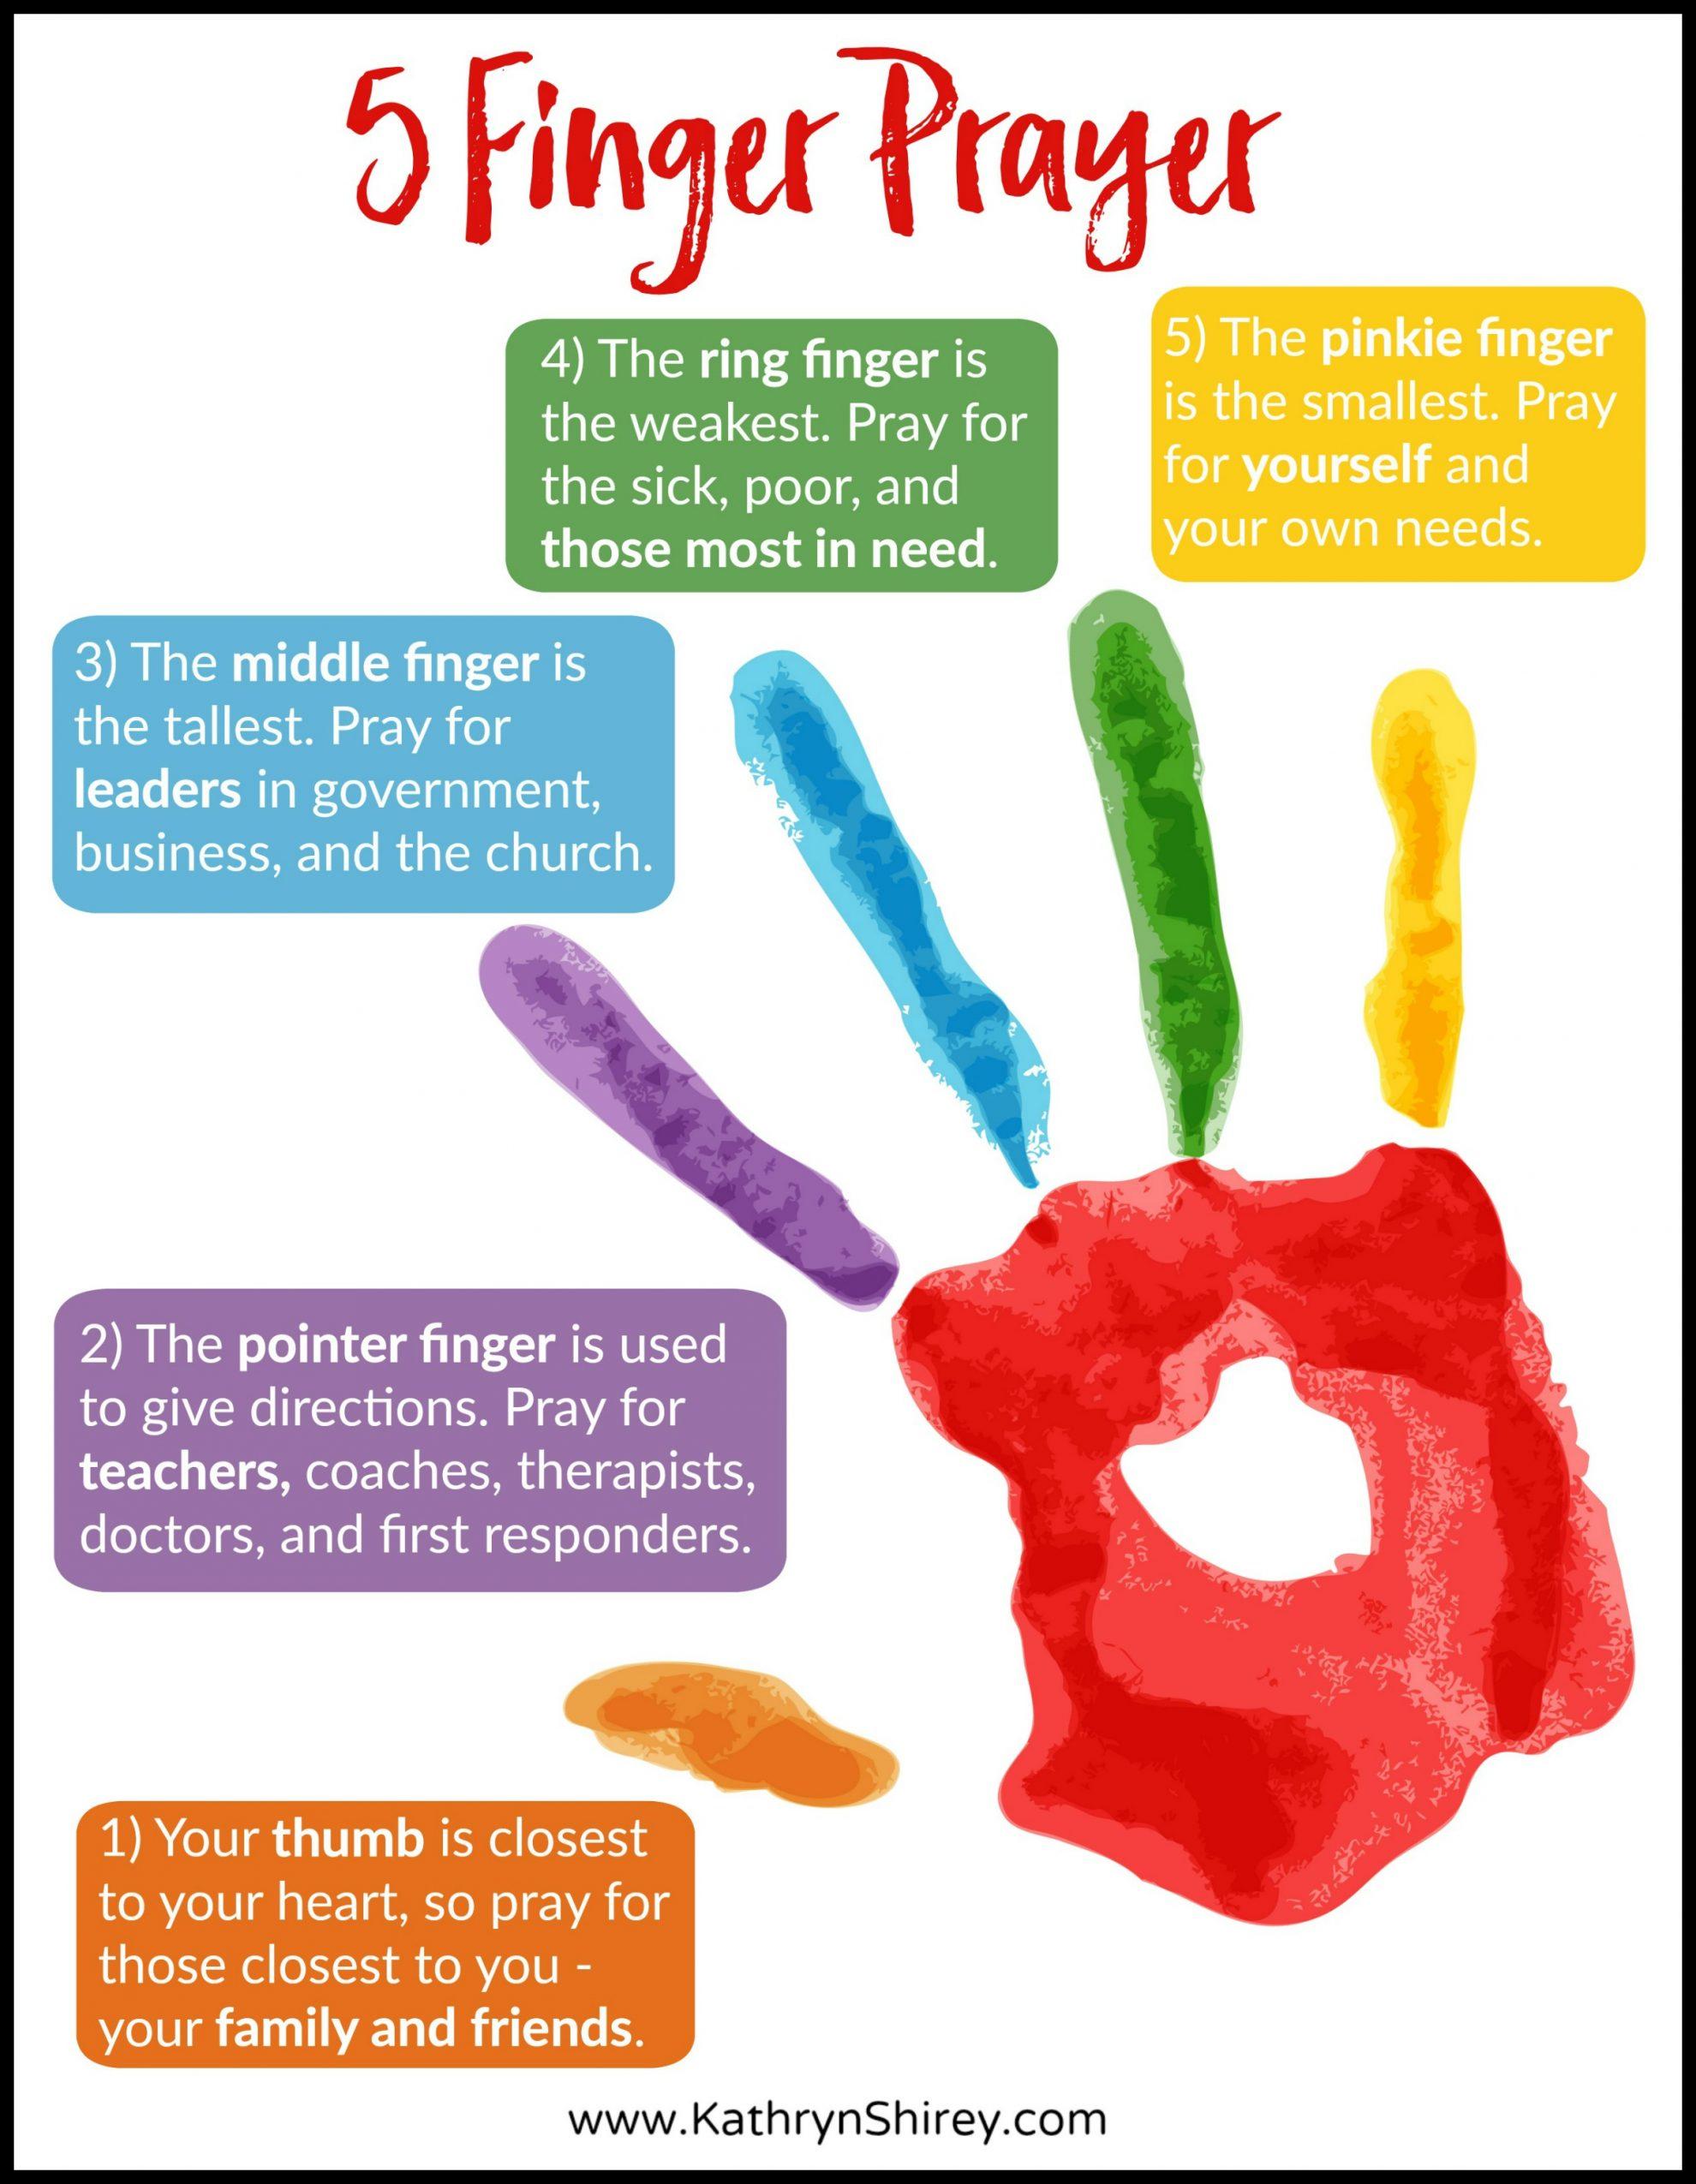 photo relating to 5 Finger Prayer Printable called 5 Finger Prayer Prayer Alternatives